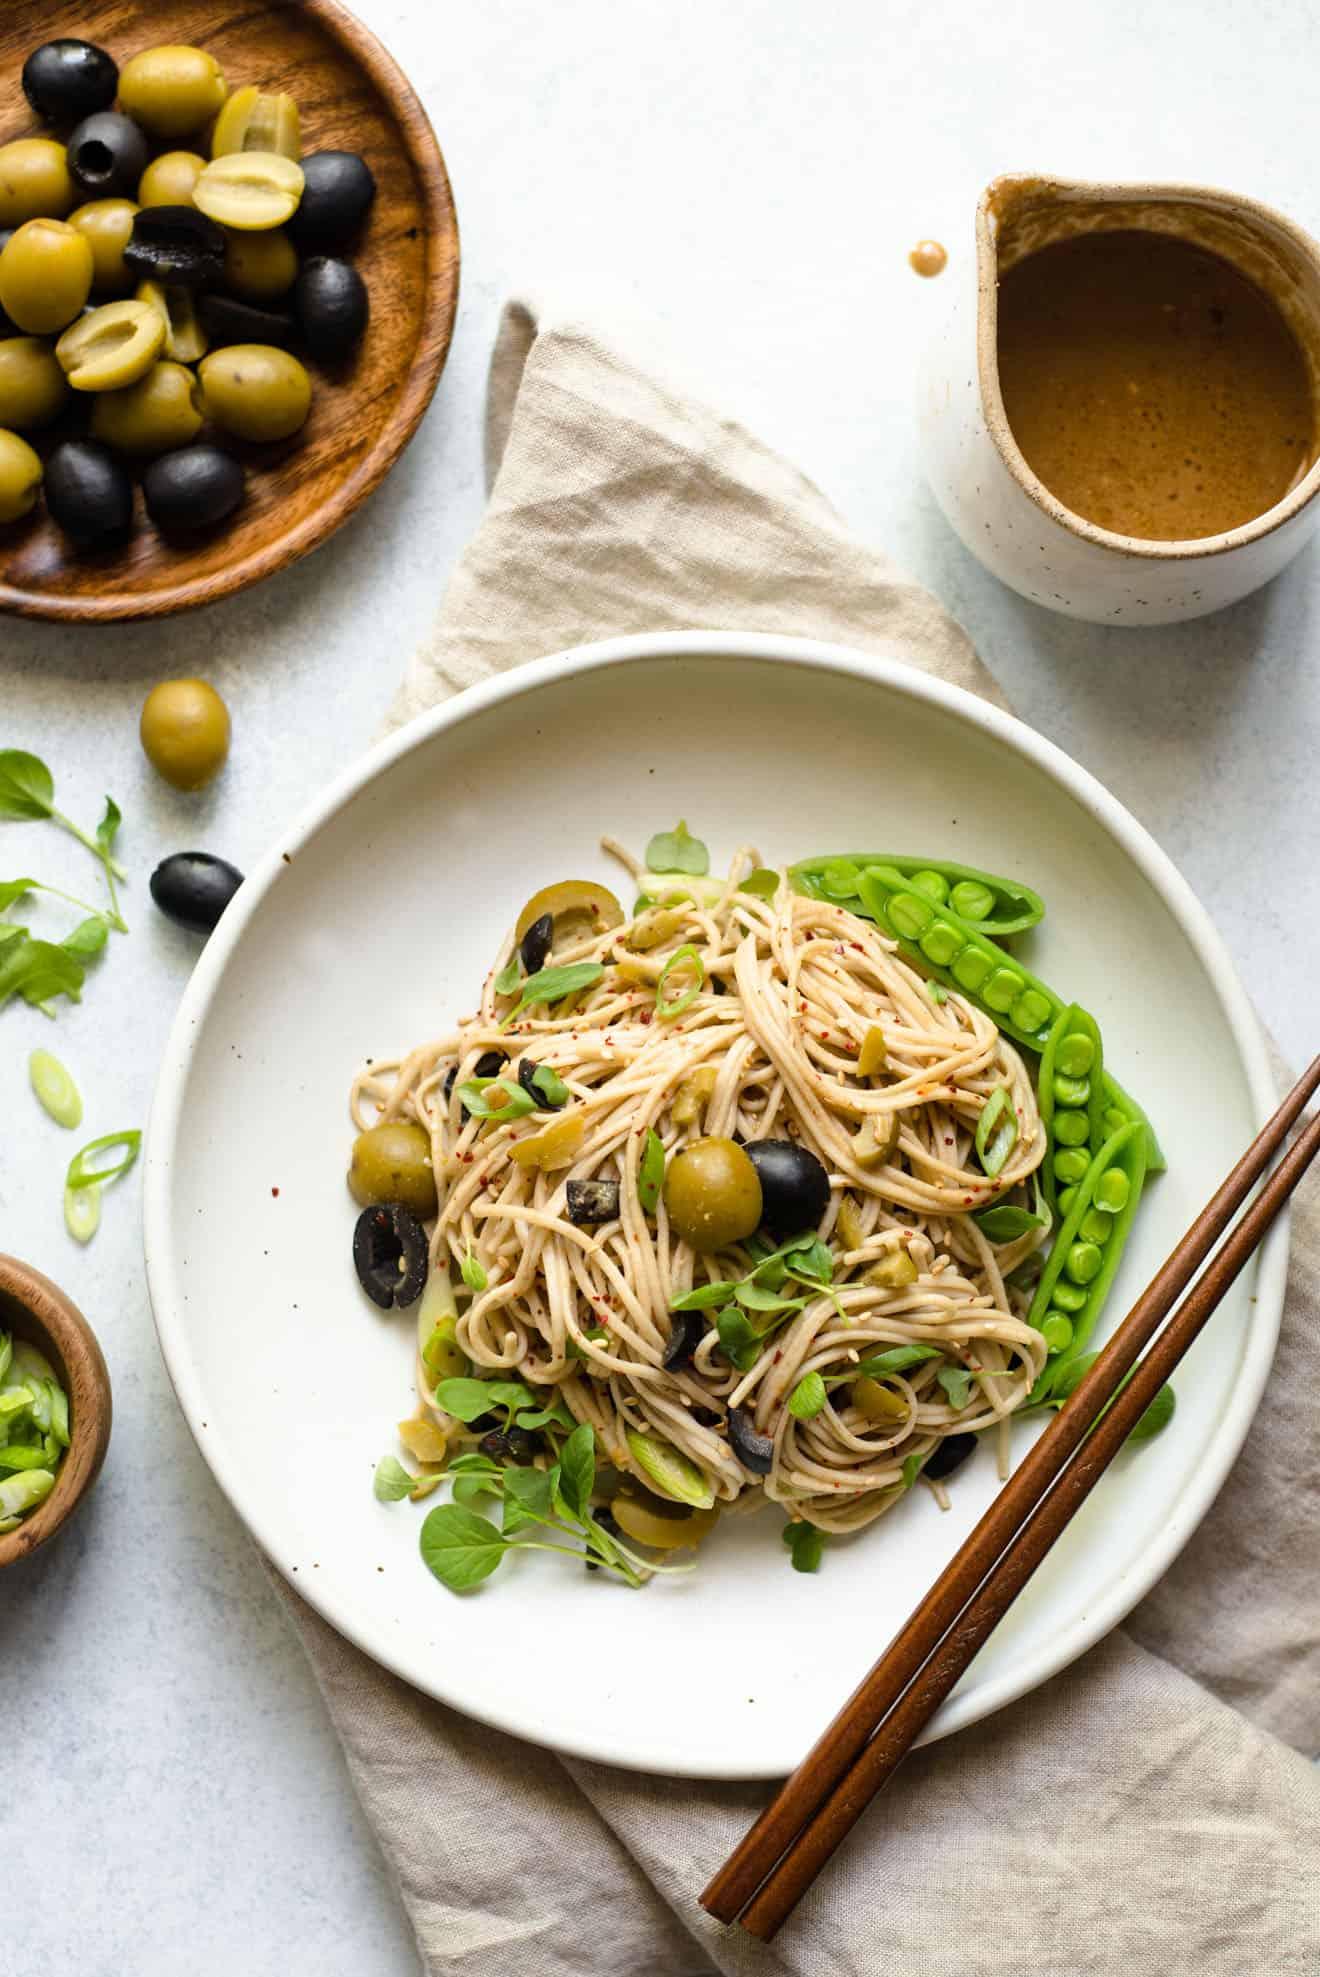 30-MINUTE Sesame and Olive Soba Noodles - Soba noodles are tossed with a sesame and olive sauce - easy, healthy vegan meal!